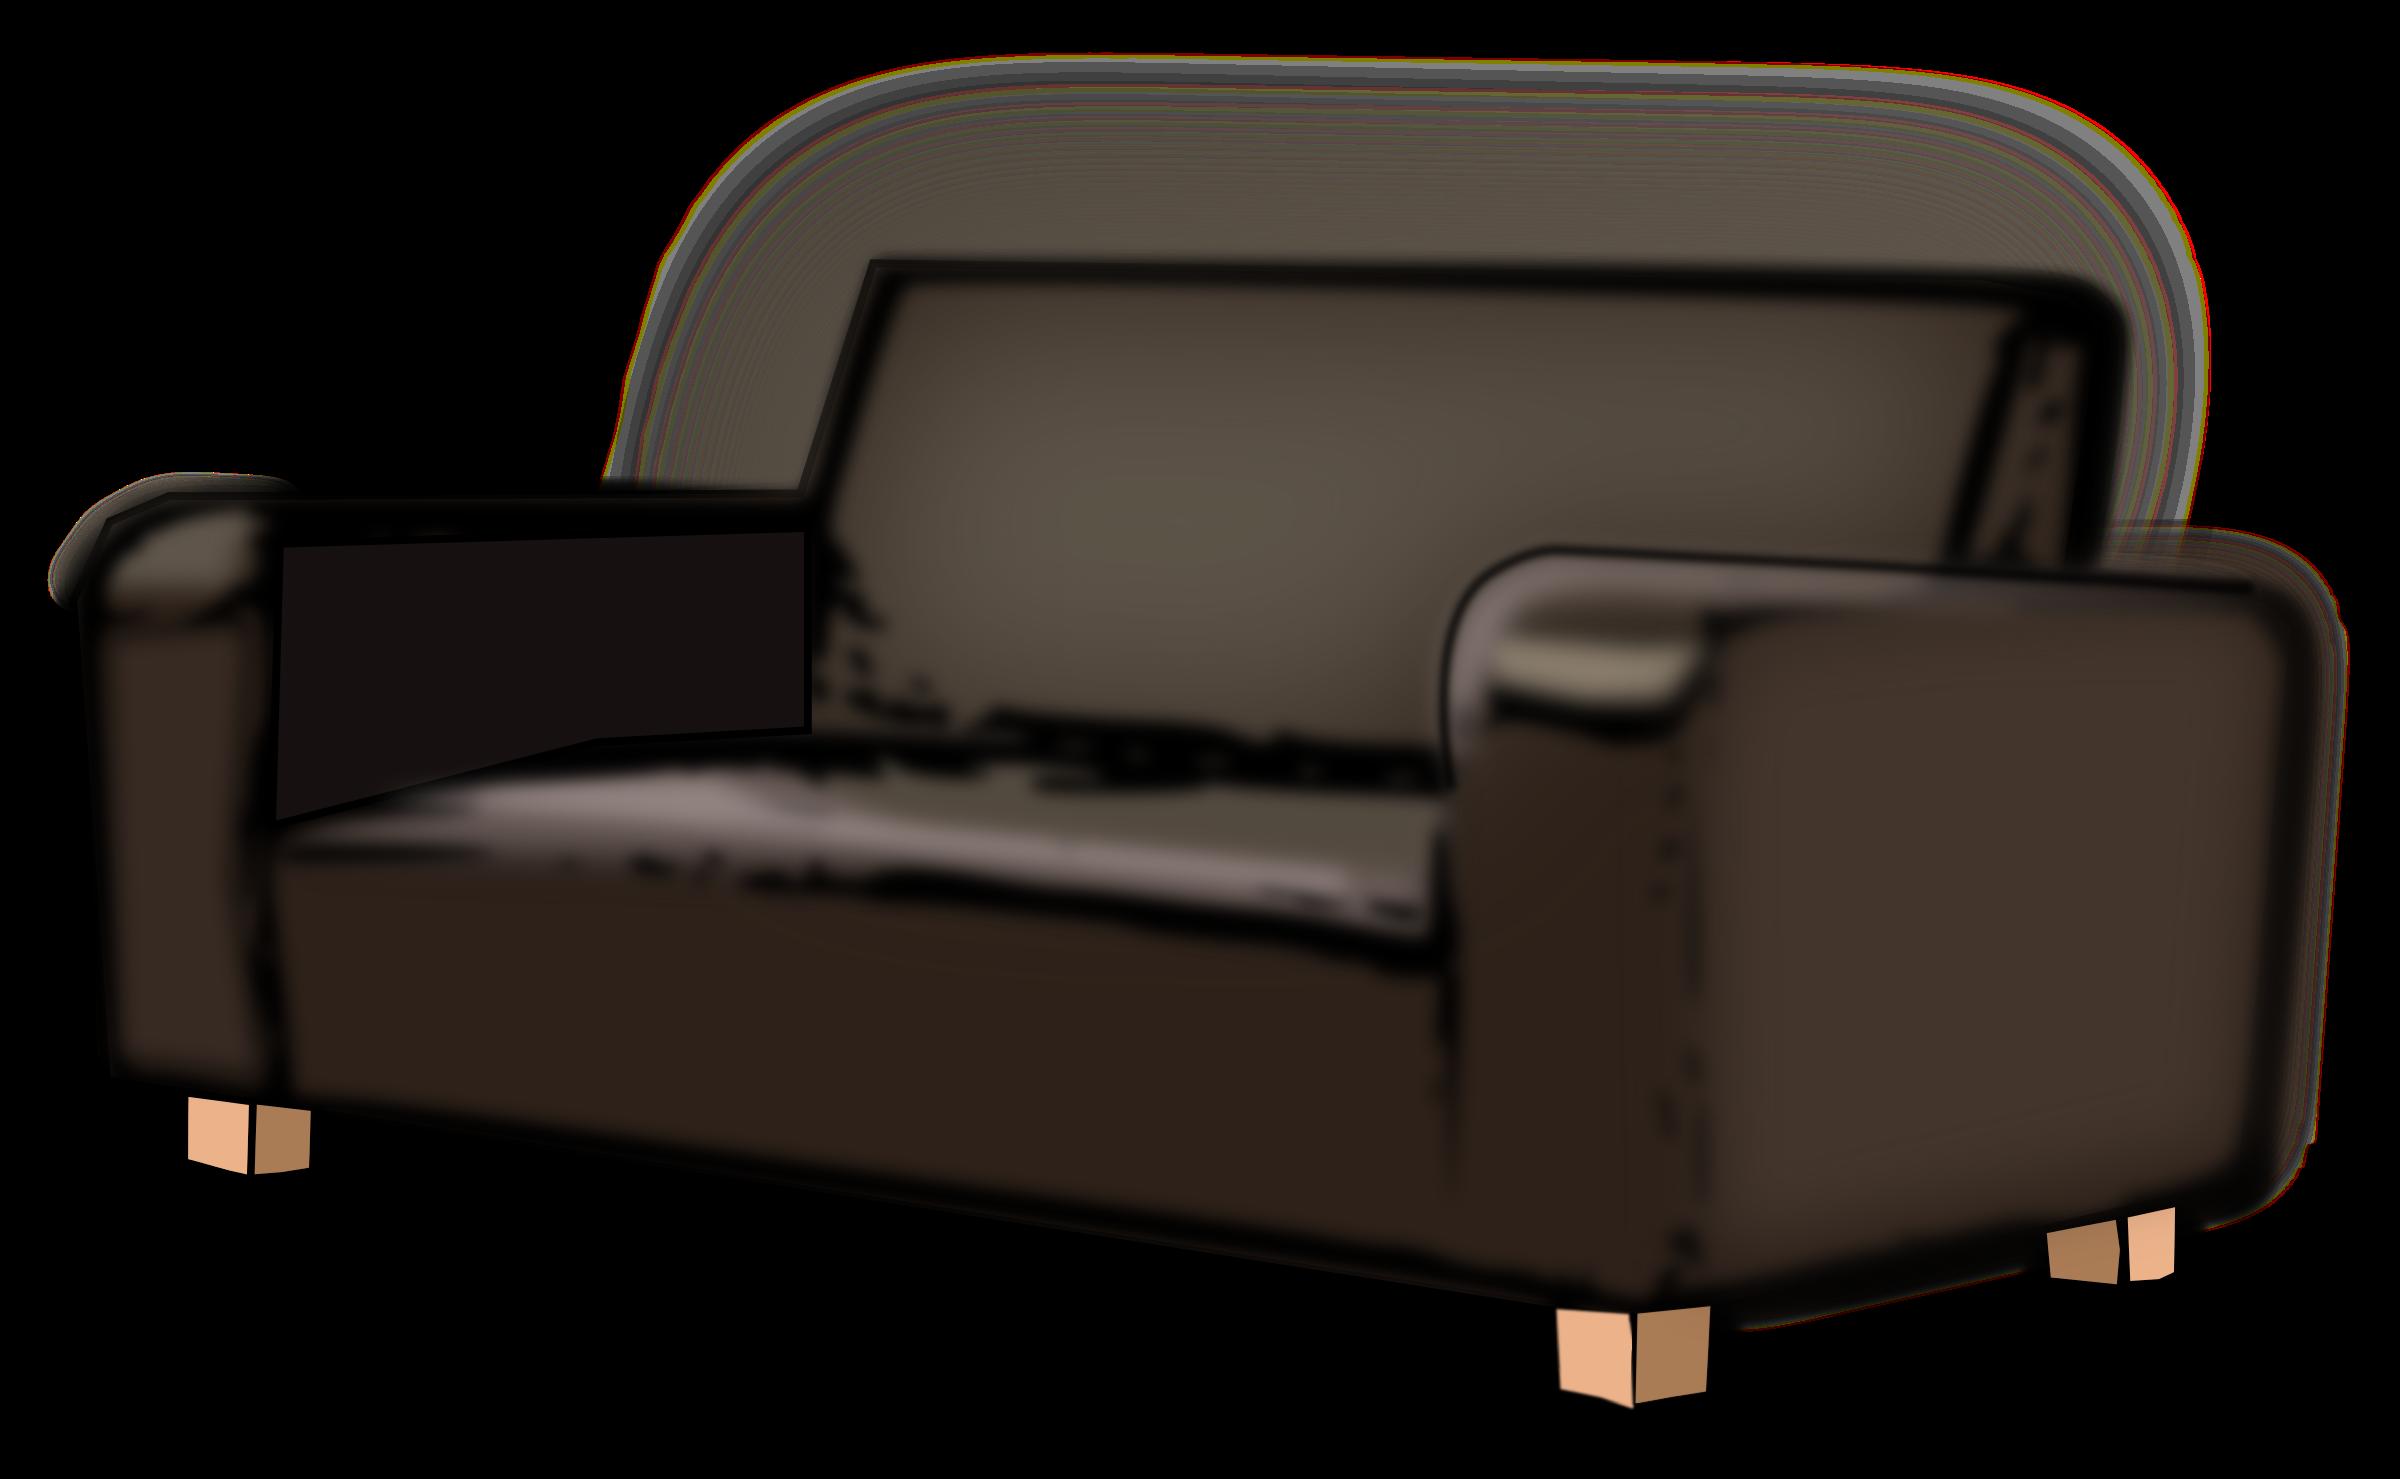 clipart transparent Big image png. Sofa clipart.